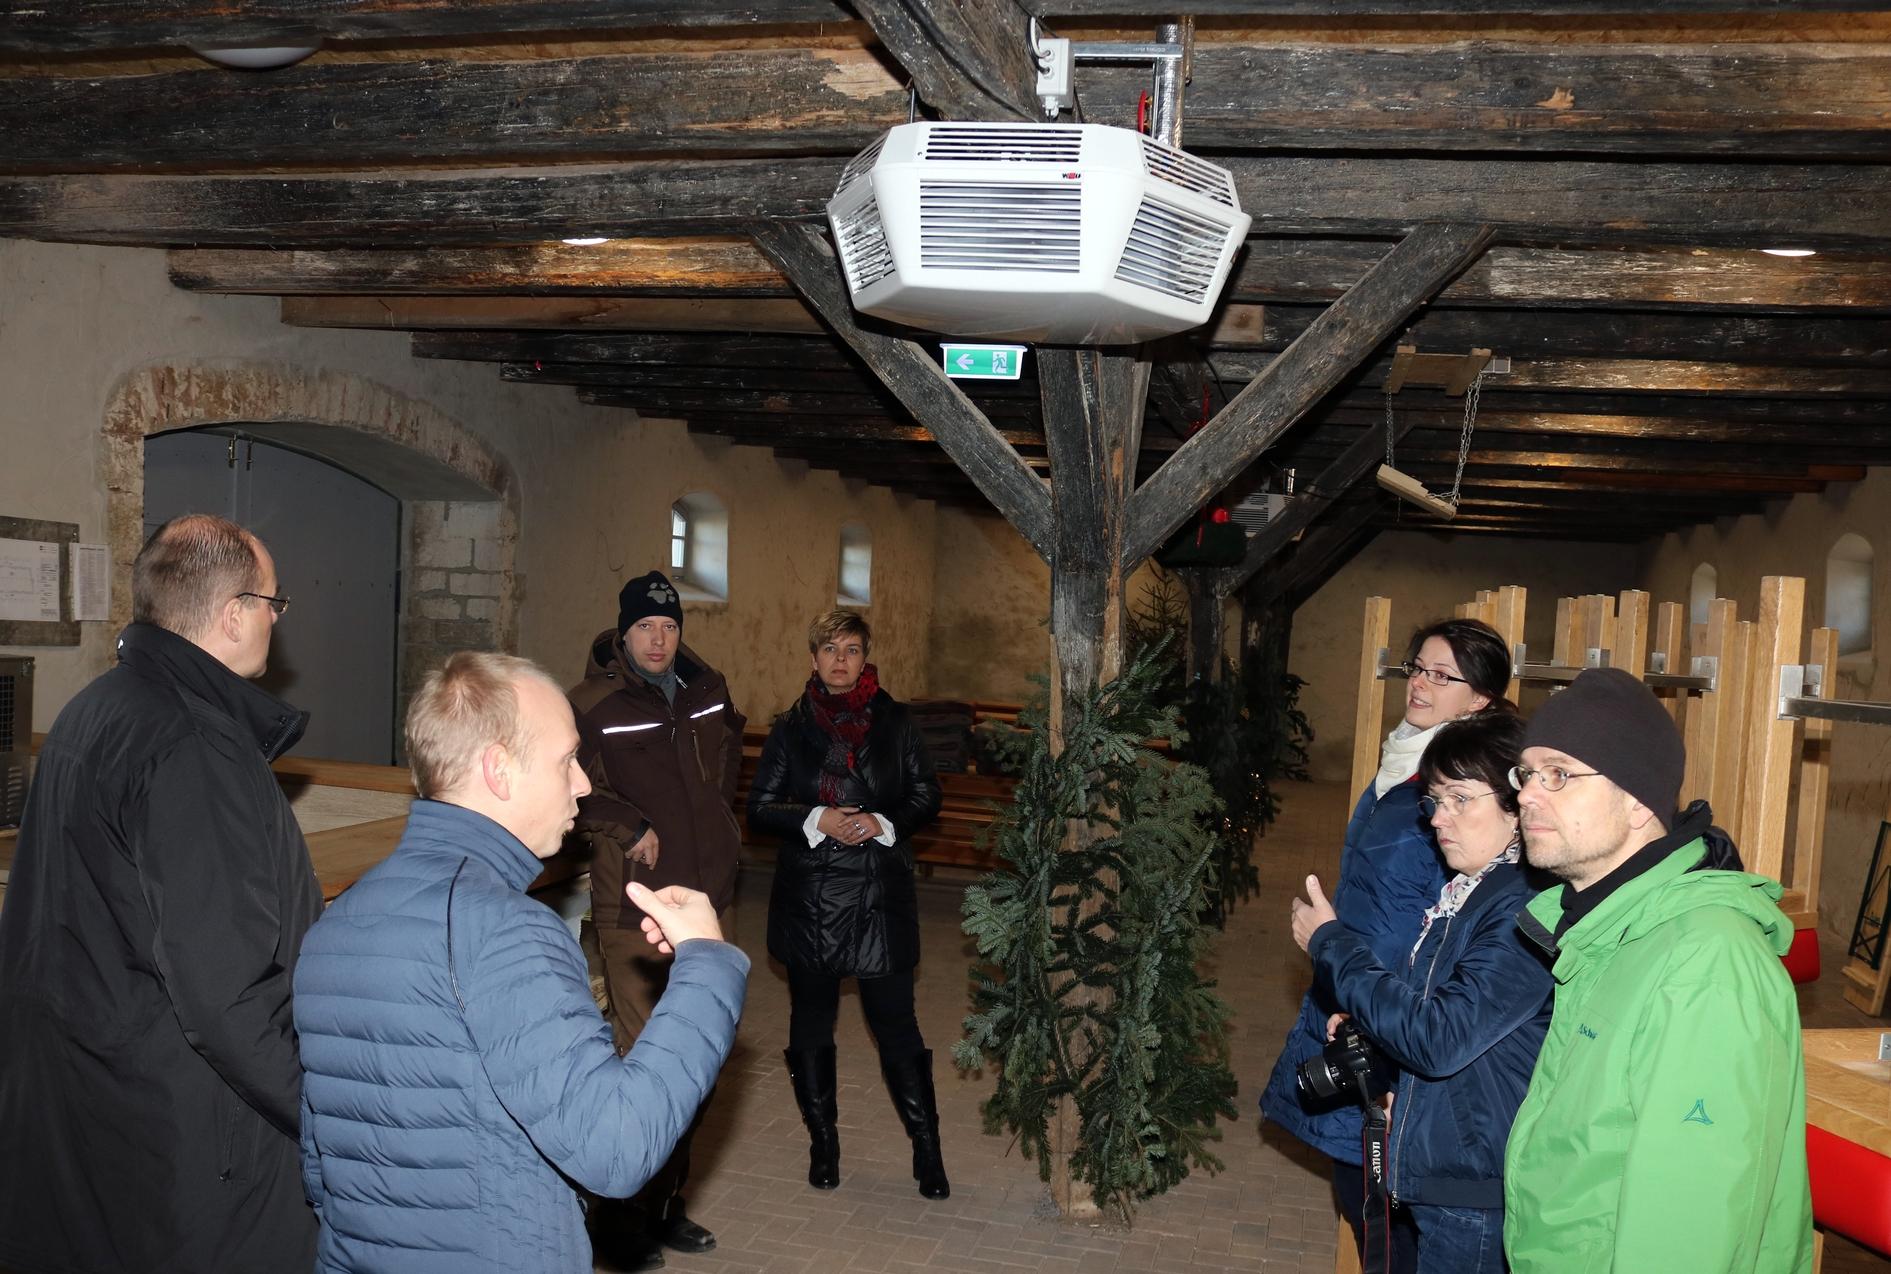 """Gemeinde Wolkramshausen, """"Alte Schäferei"""" - der Bürgermeister Herr Braun informiert über die vielfältigeren Nutzungsmöglichkeiten durch den Heizungseinbau"""